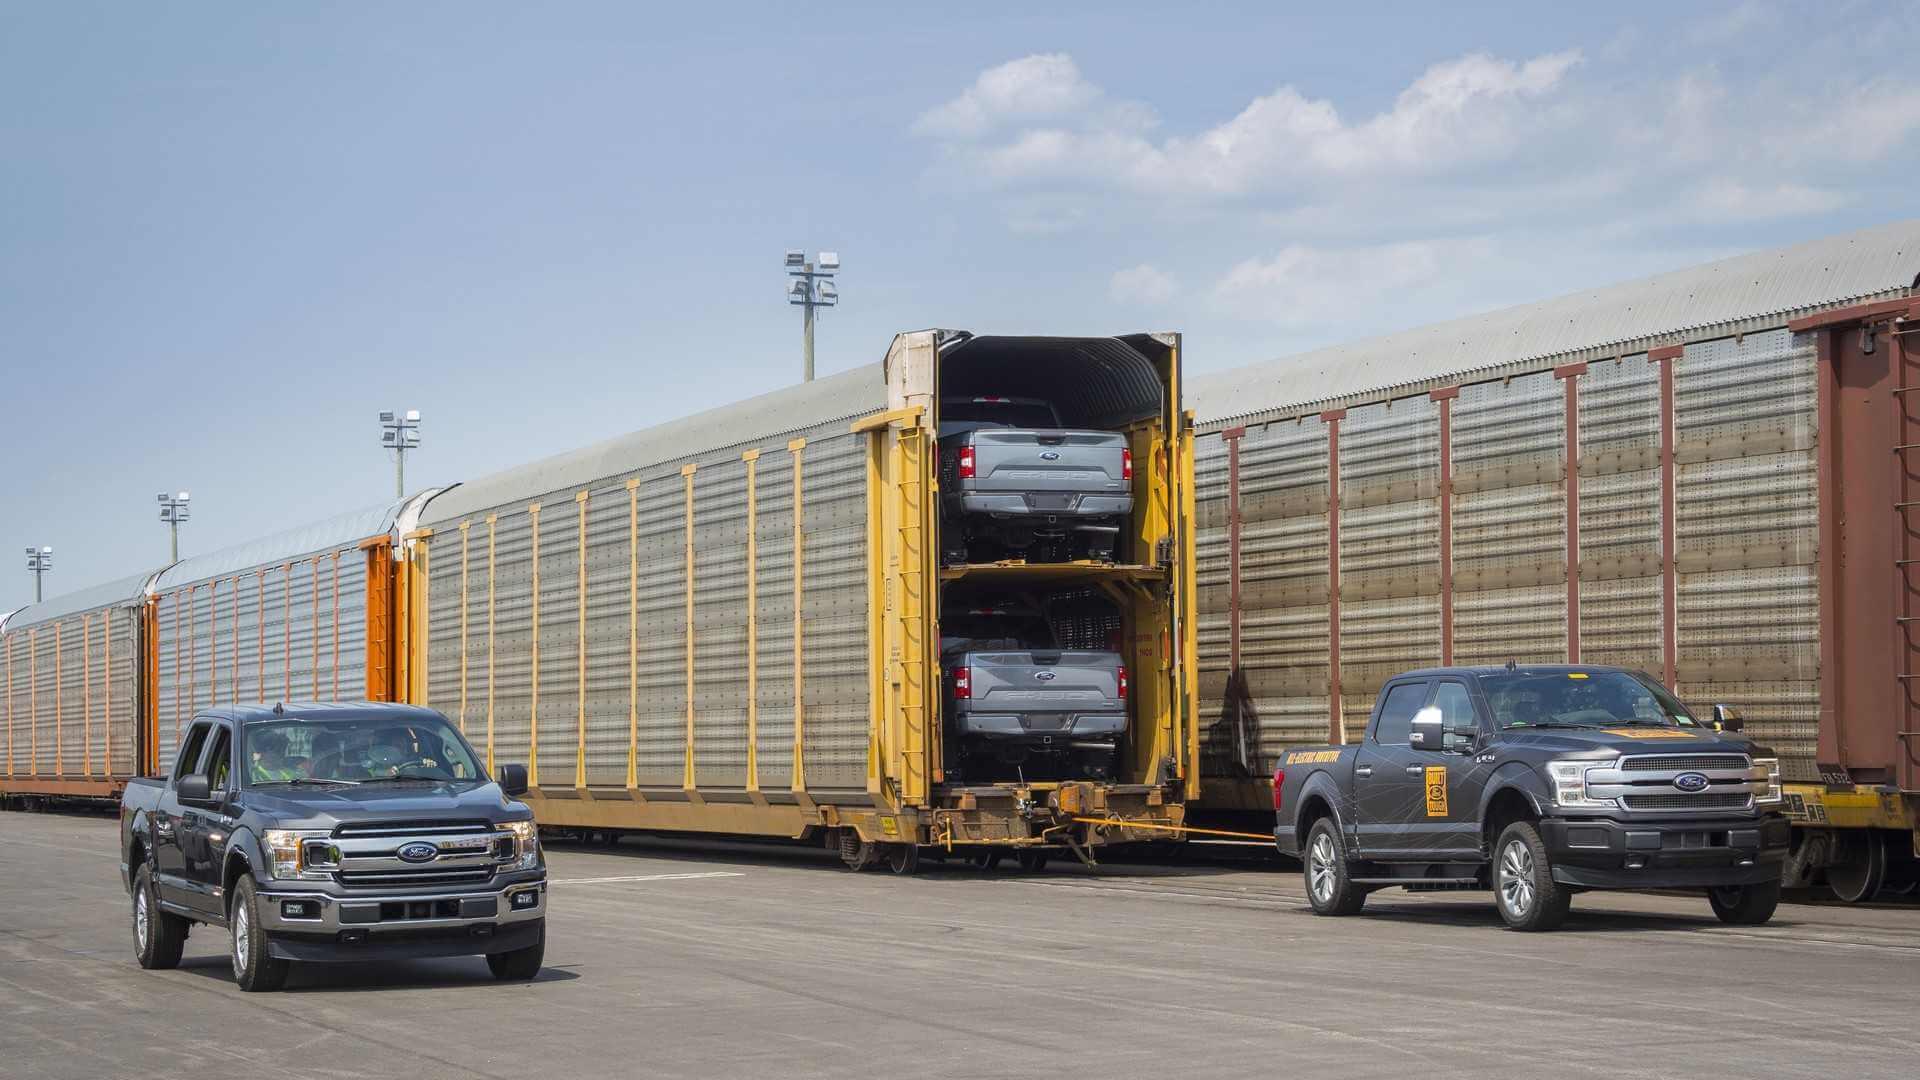 Прототип электрического F-150 буксирует состав массой более 500 000 кг